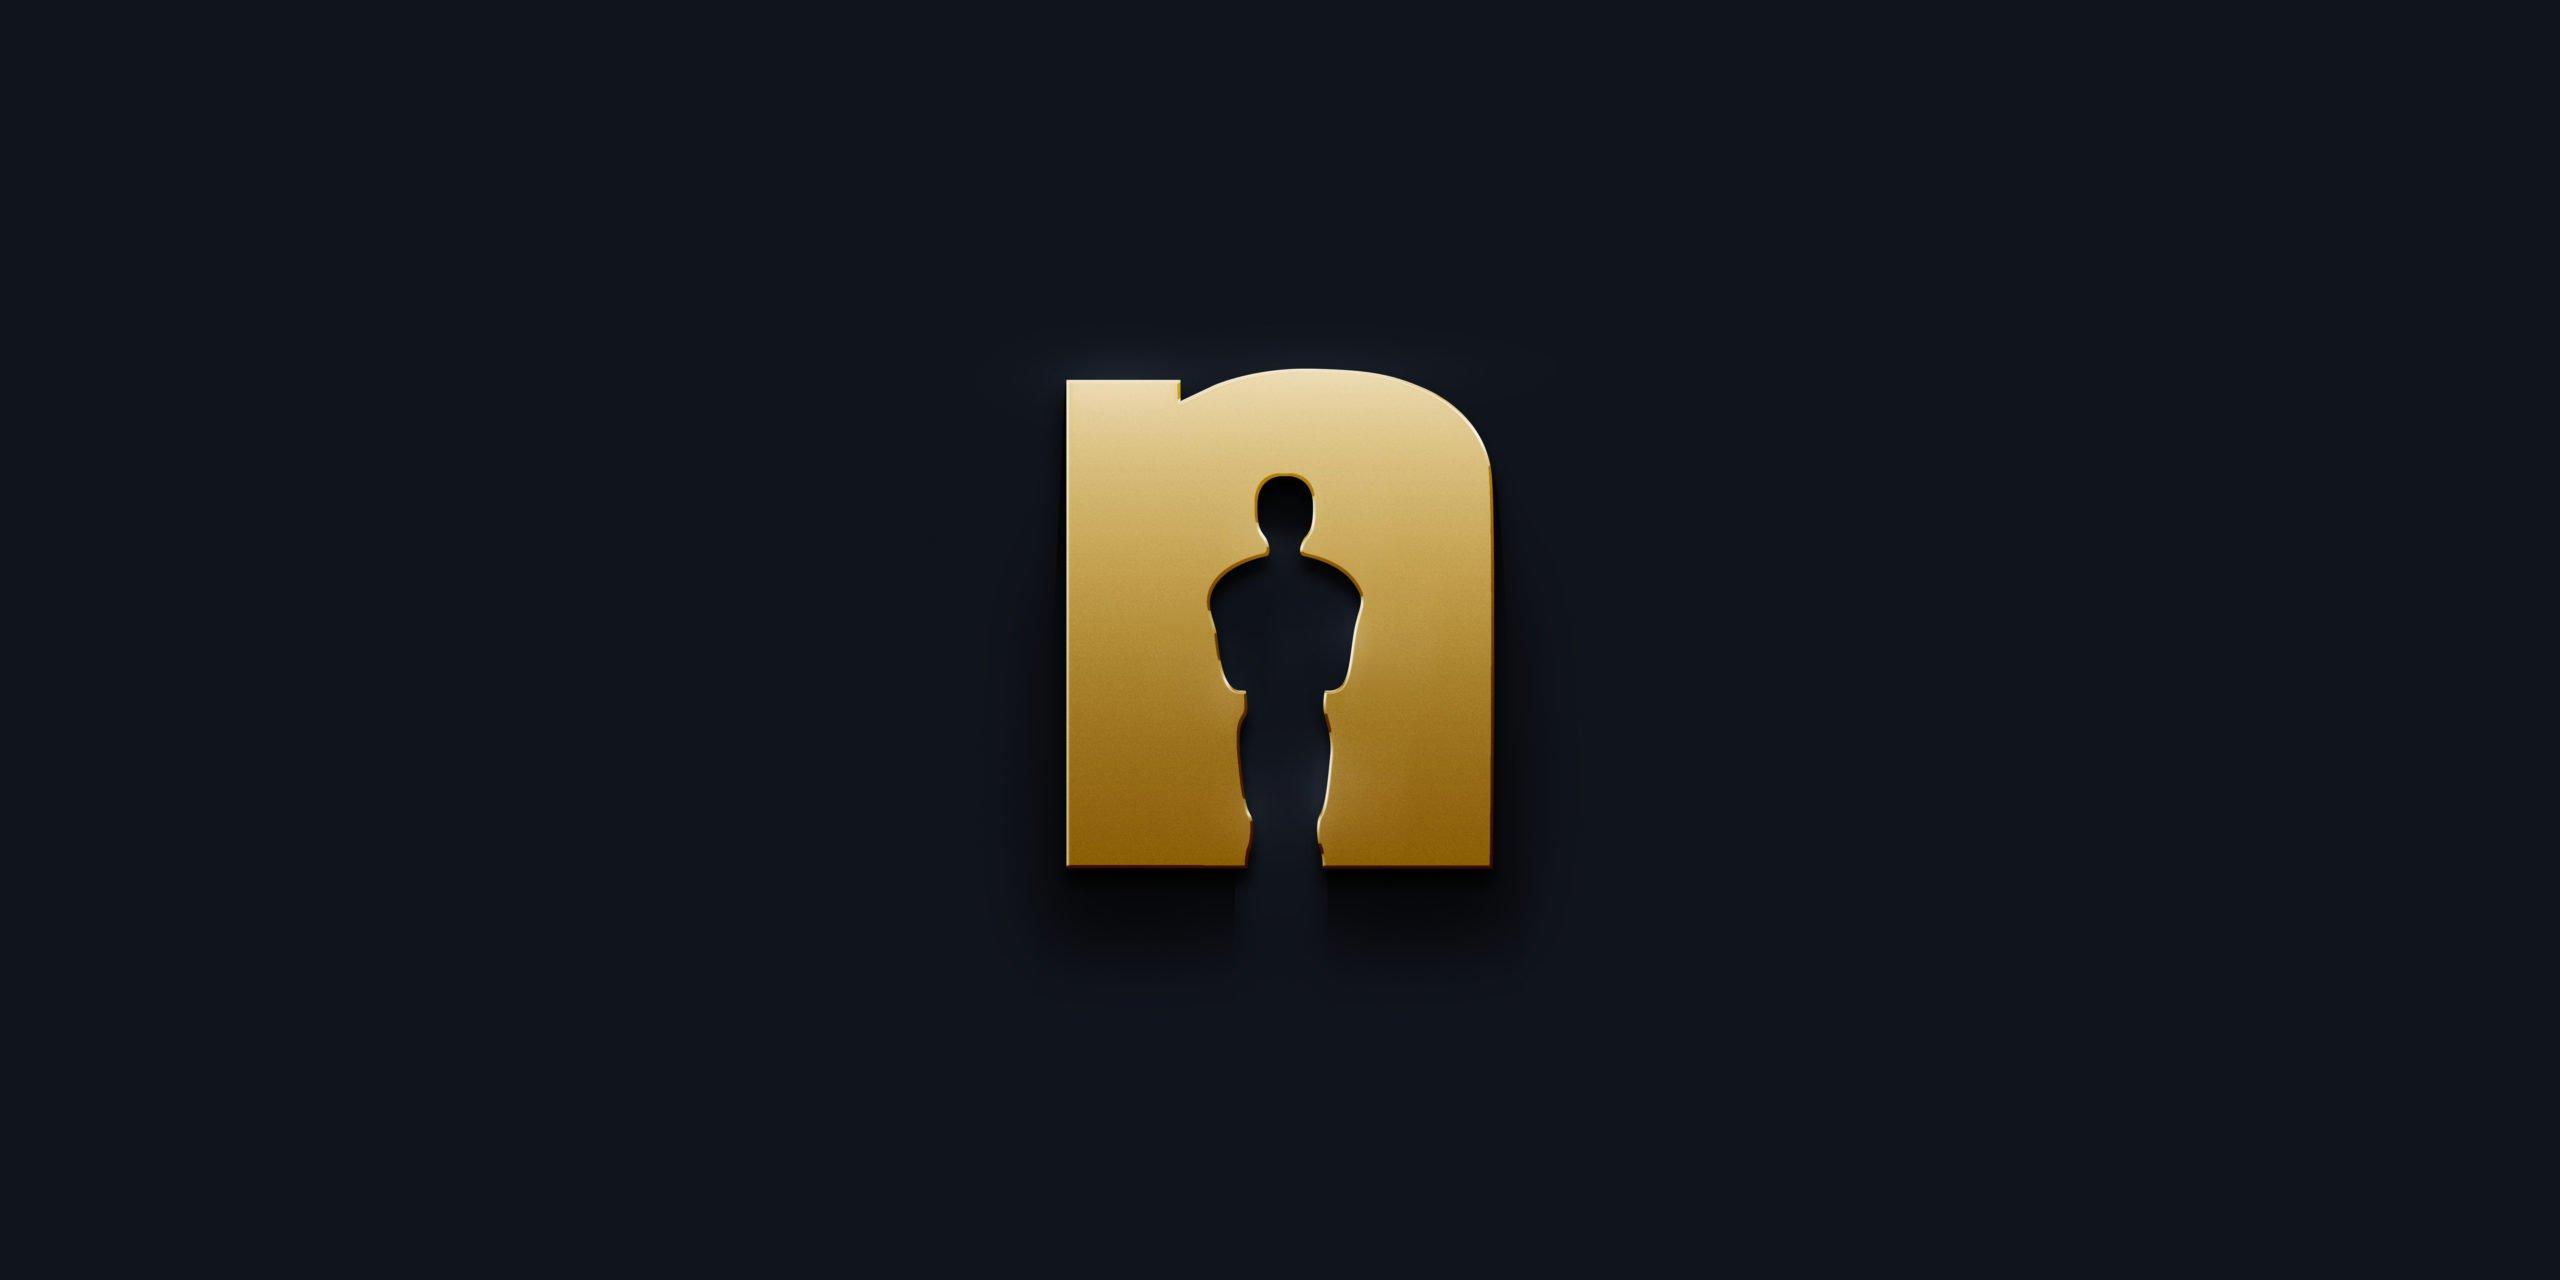 Das goldene Nerdtalk-n auf schwarzem Hintergrund, mit einer Oscar-Silhouette im N